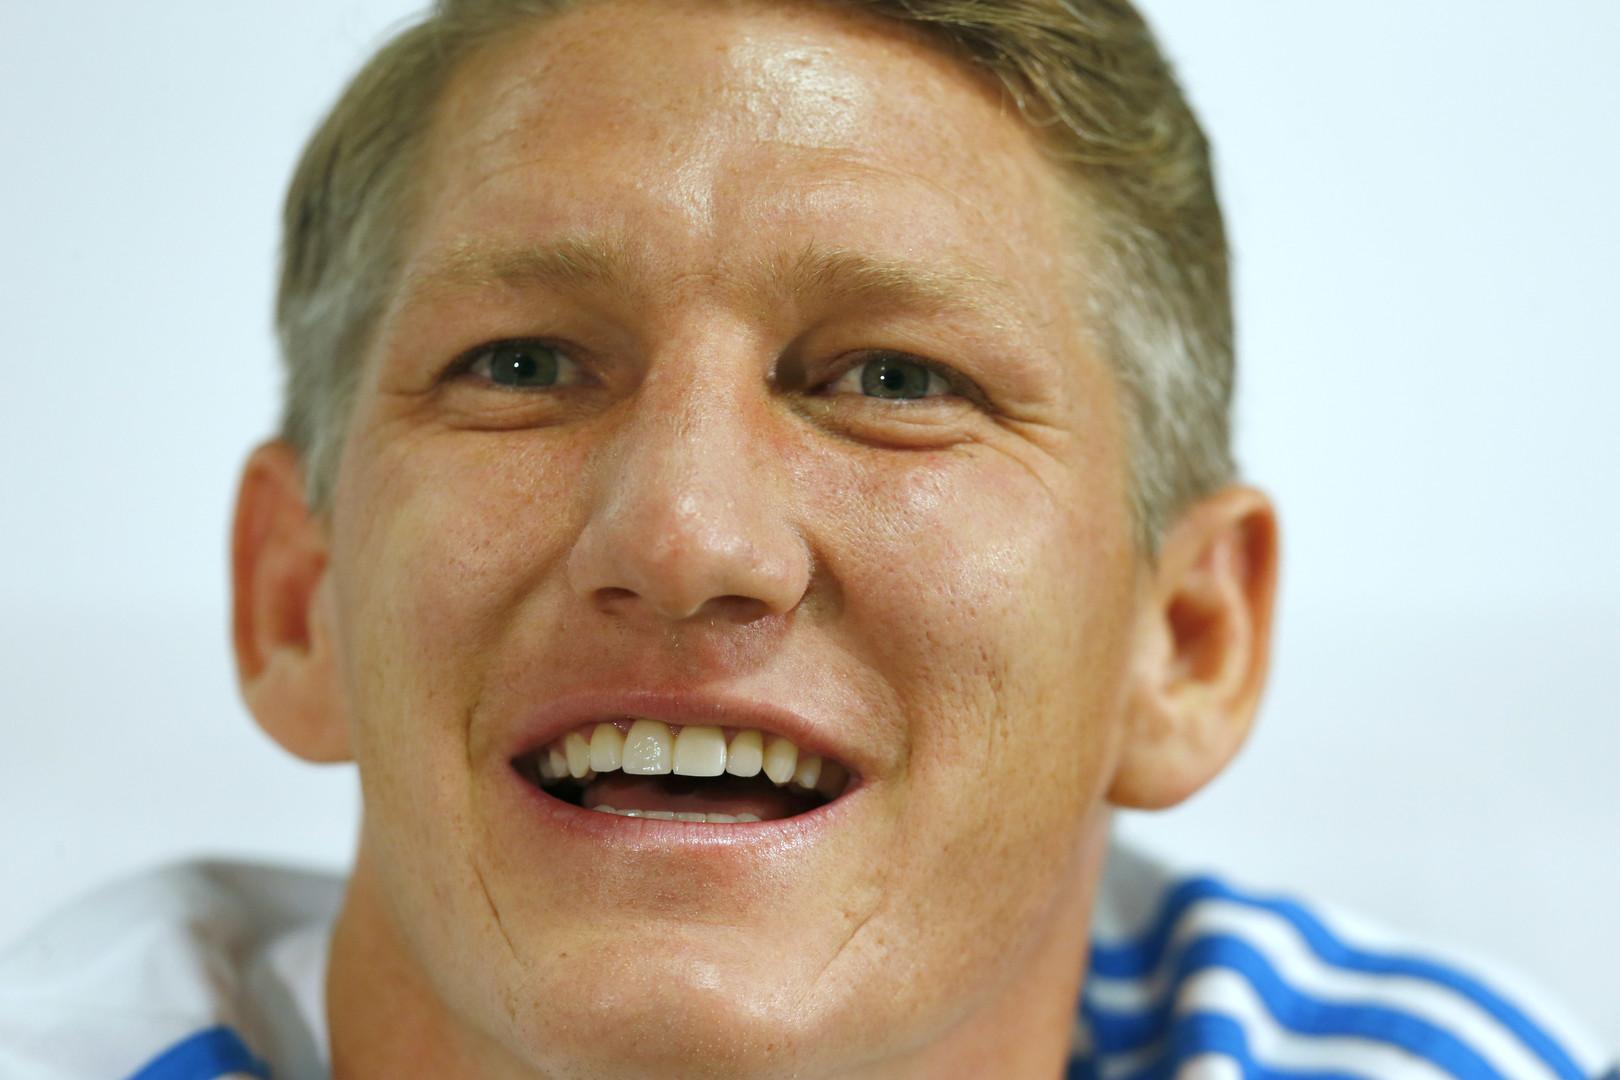 Le footballer allemand Bastian Schweinsteiger